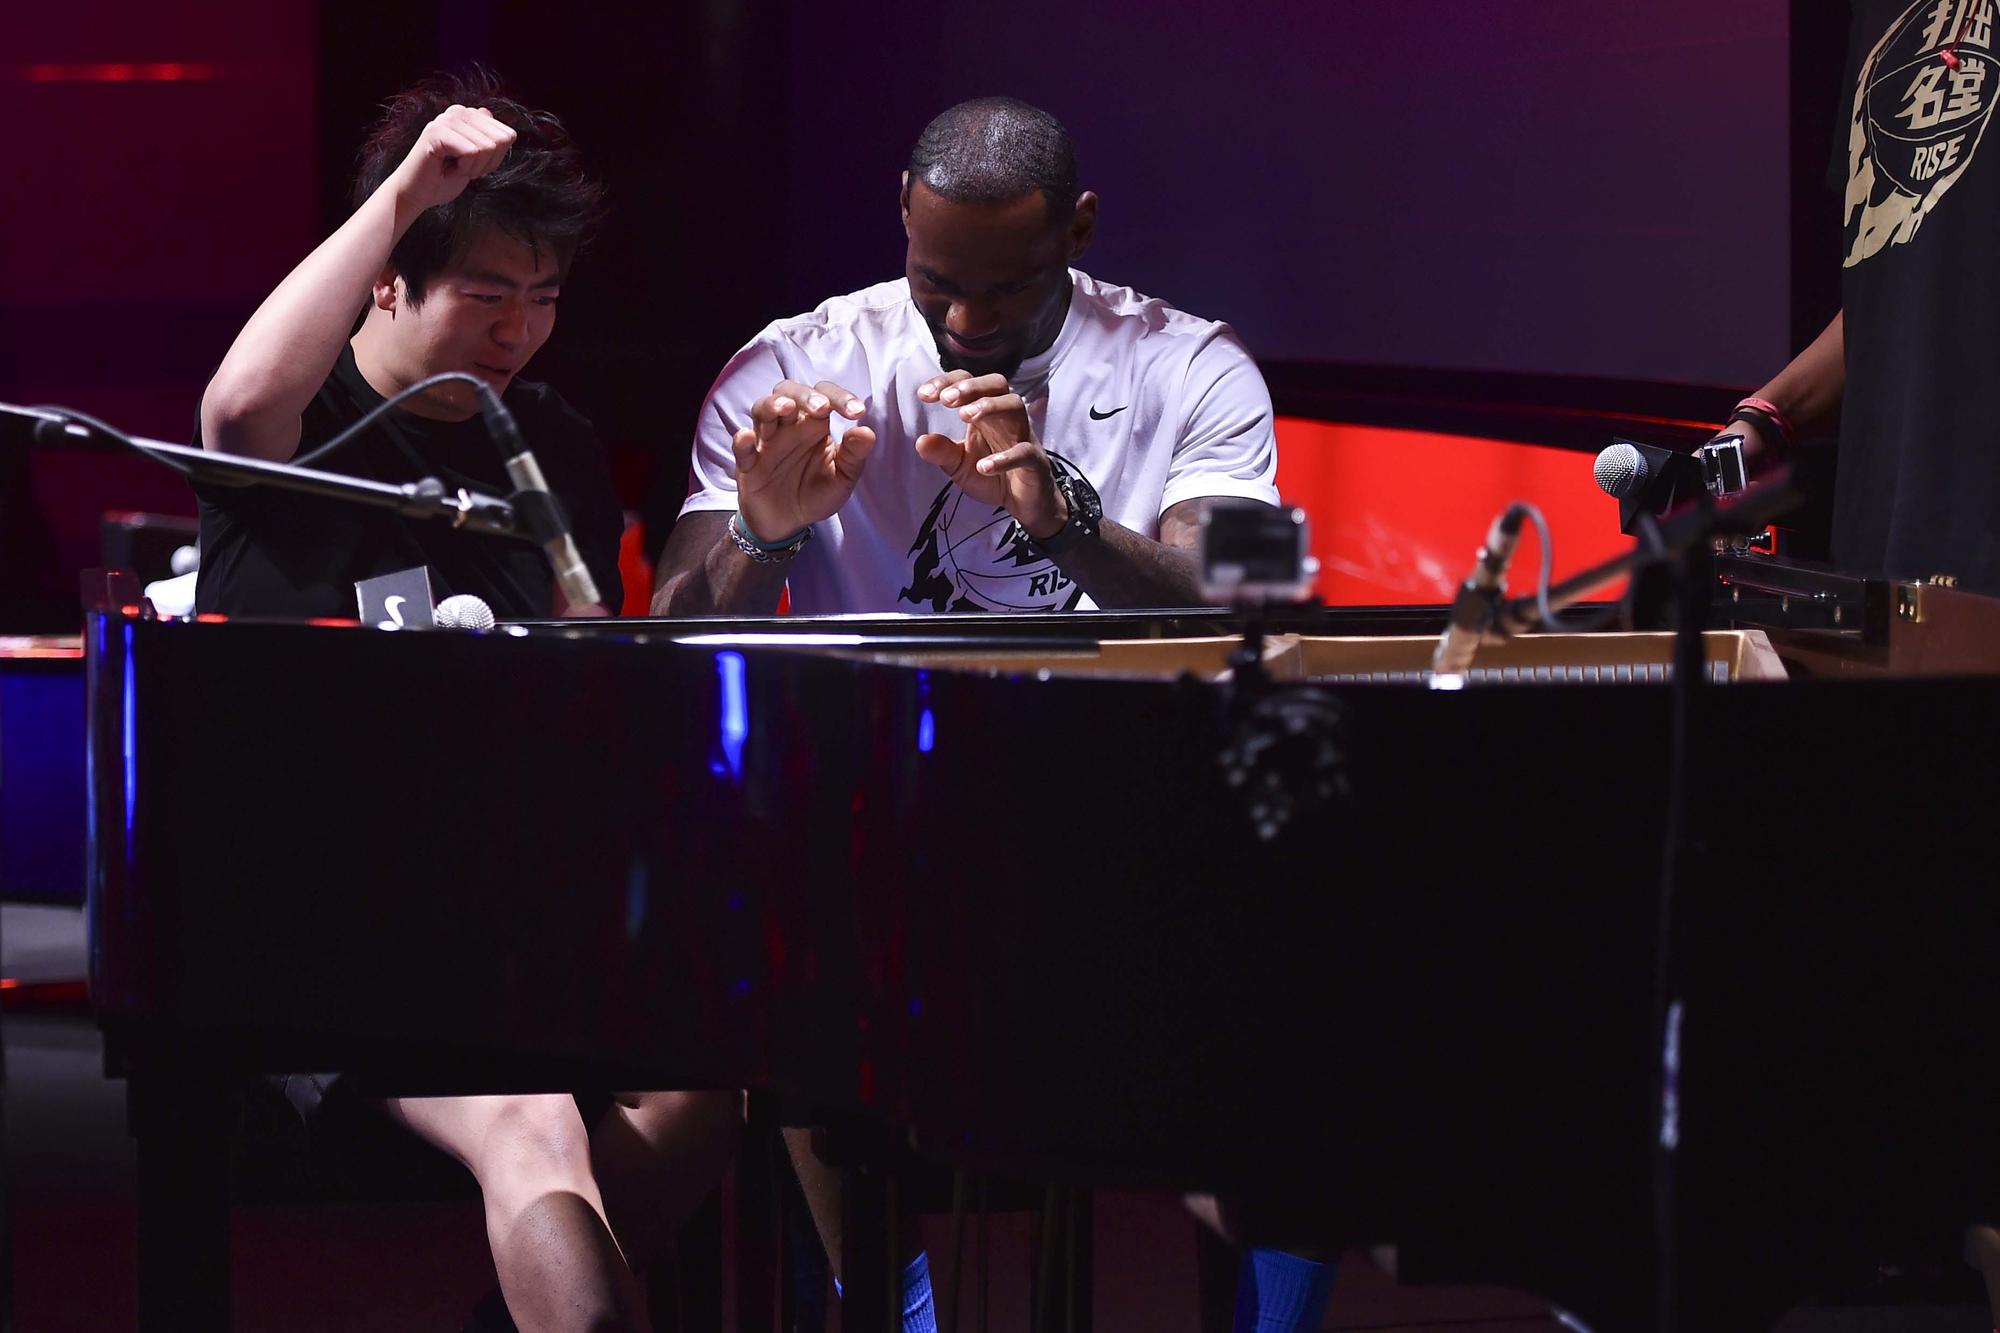 詹姆斯驾临北京 与郎朗上演钢琴合奏截图